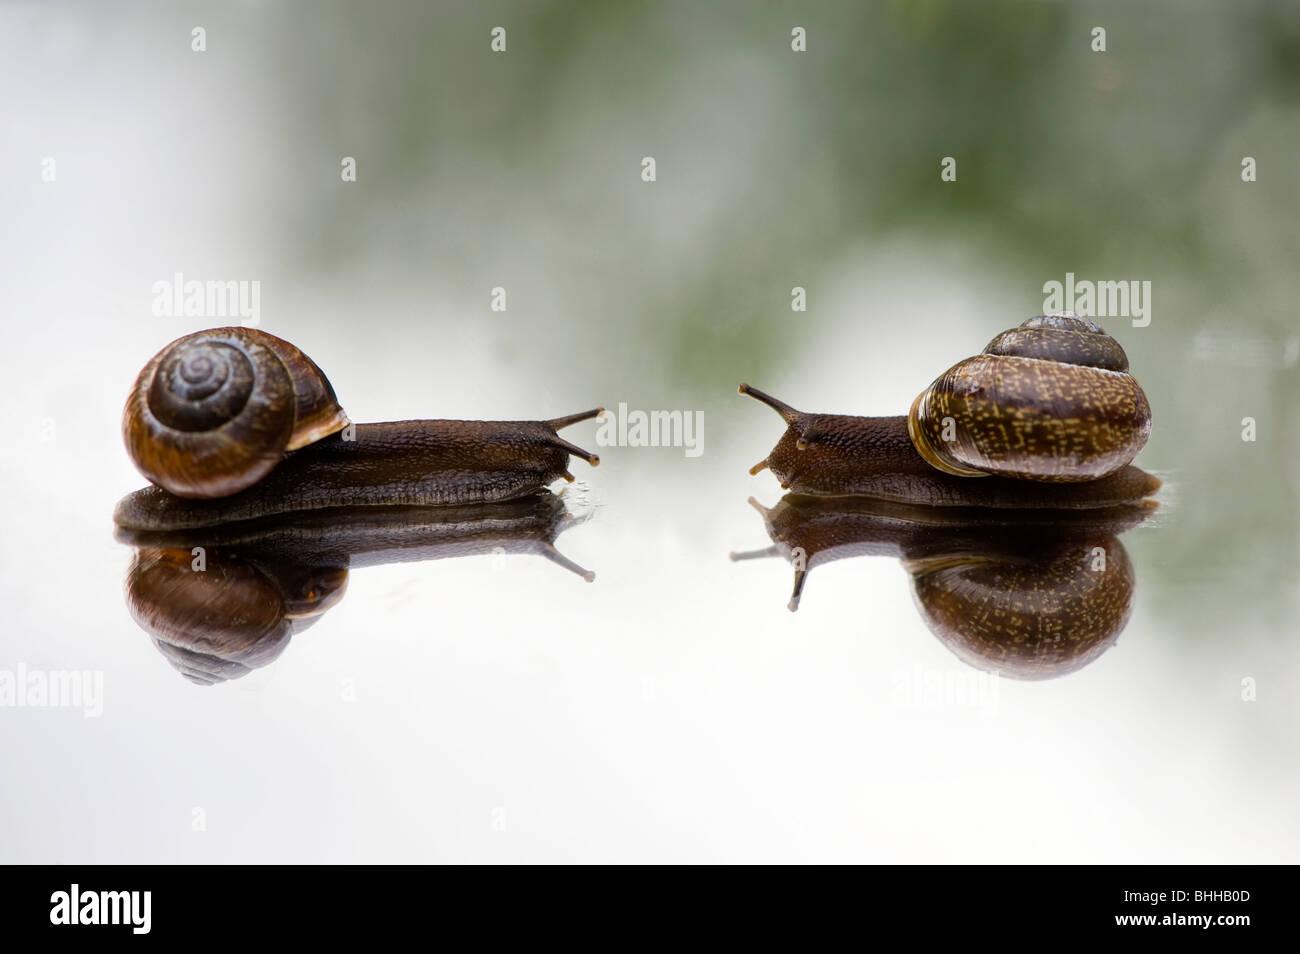 Los caracoles en un espejo, close-up, Suecia. Imagen De Stock